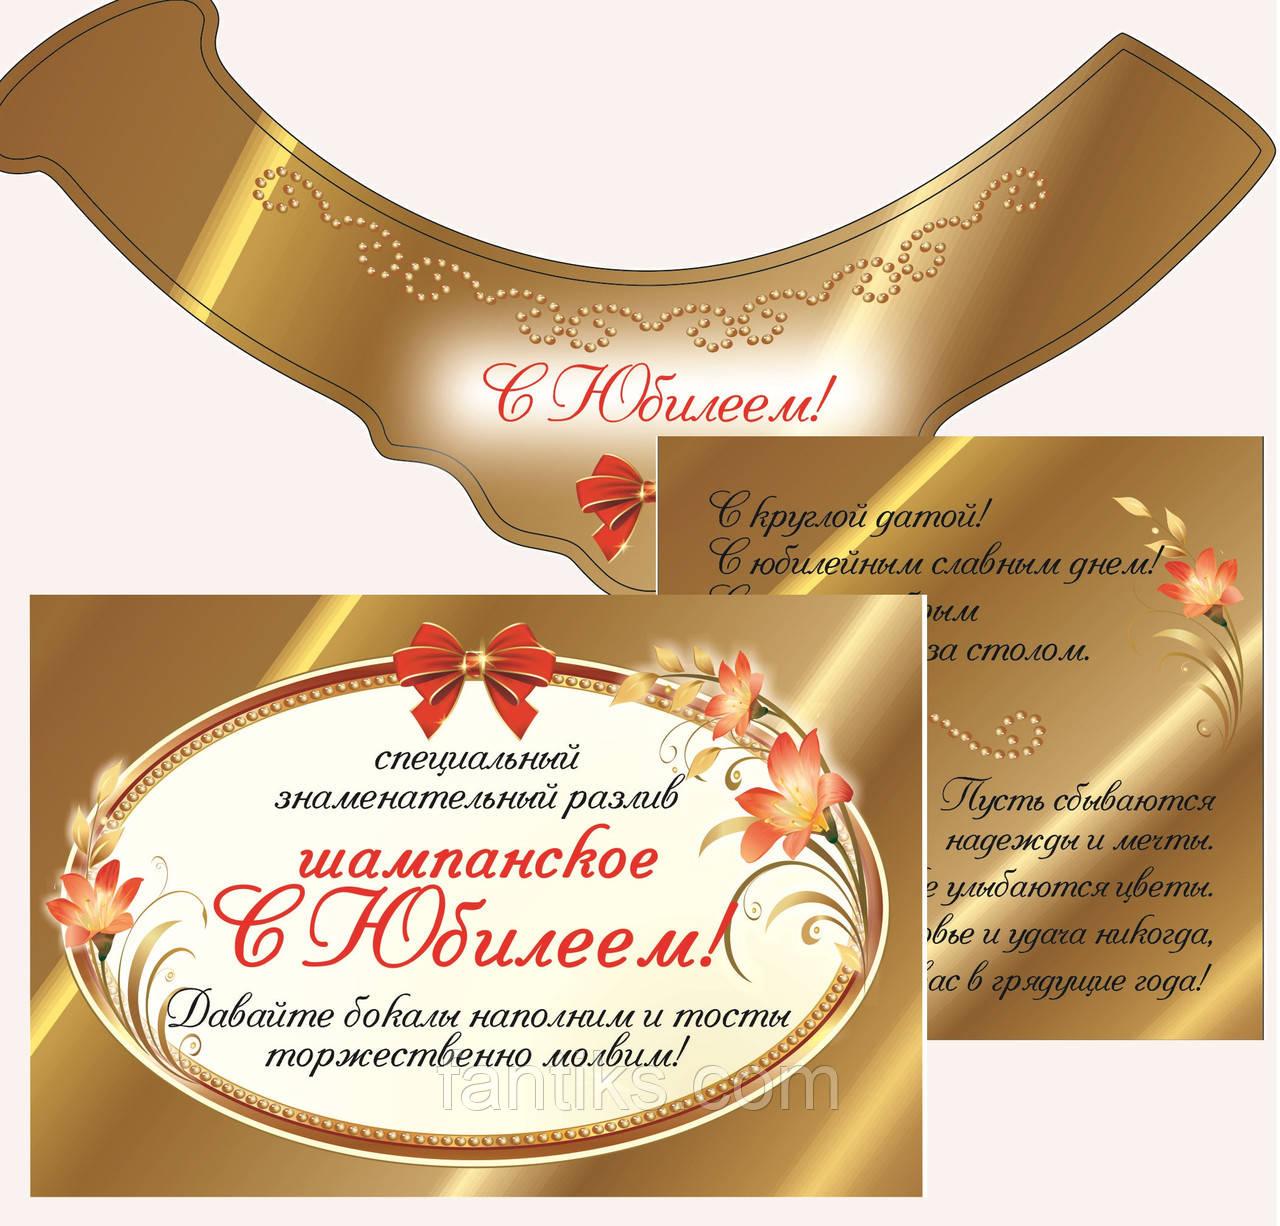 С юбилеем! - комплект сувенирных наклеек на шампанское